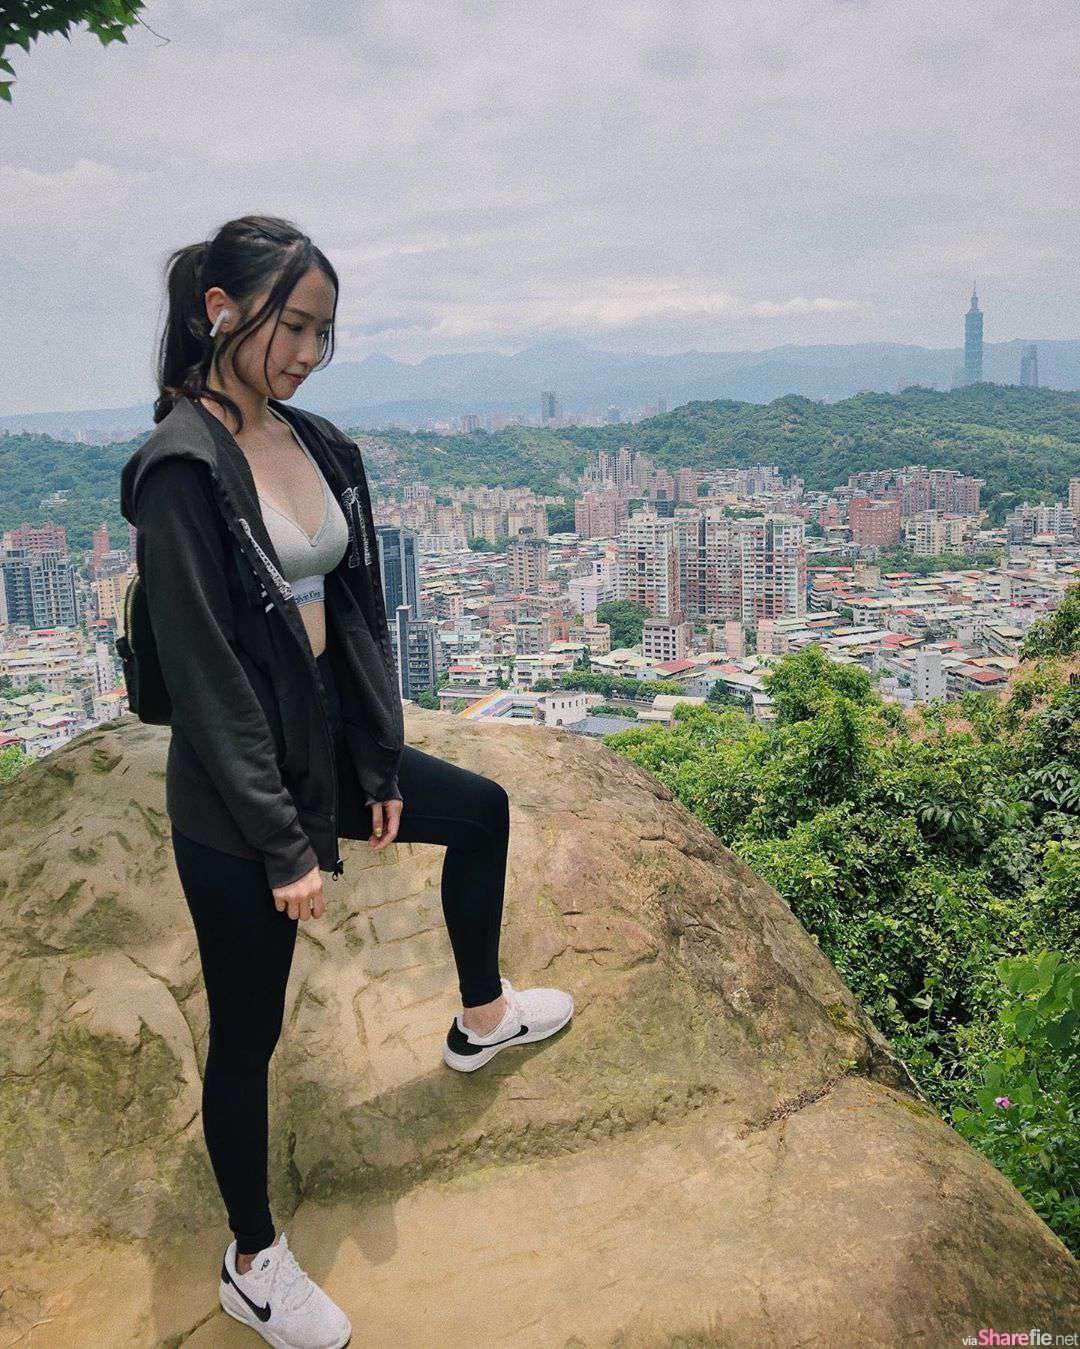 世新正妹运动内衣去爬山,网友:爬山客还好吗